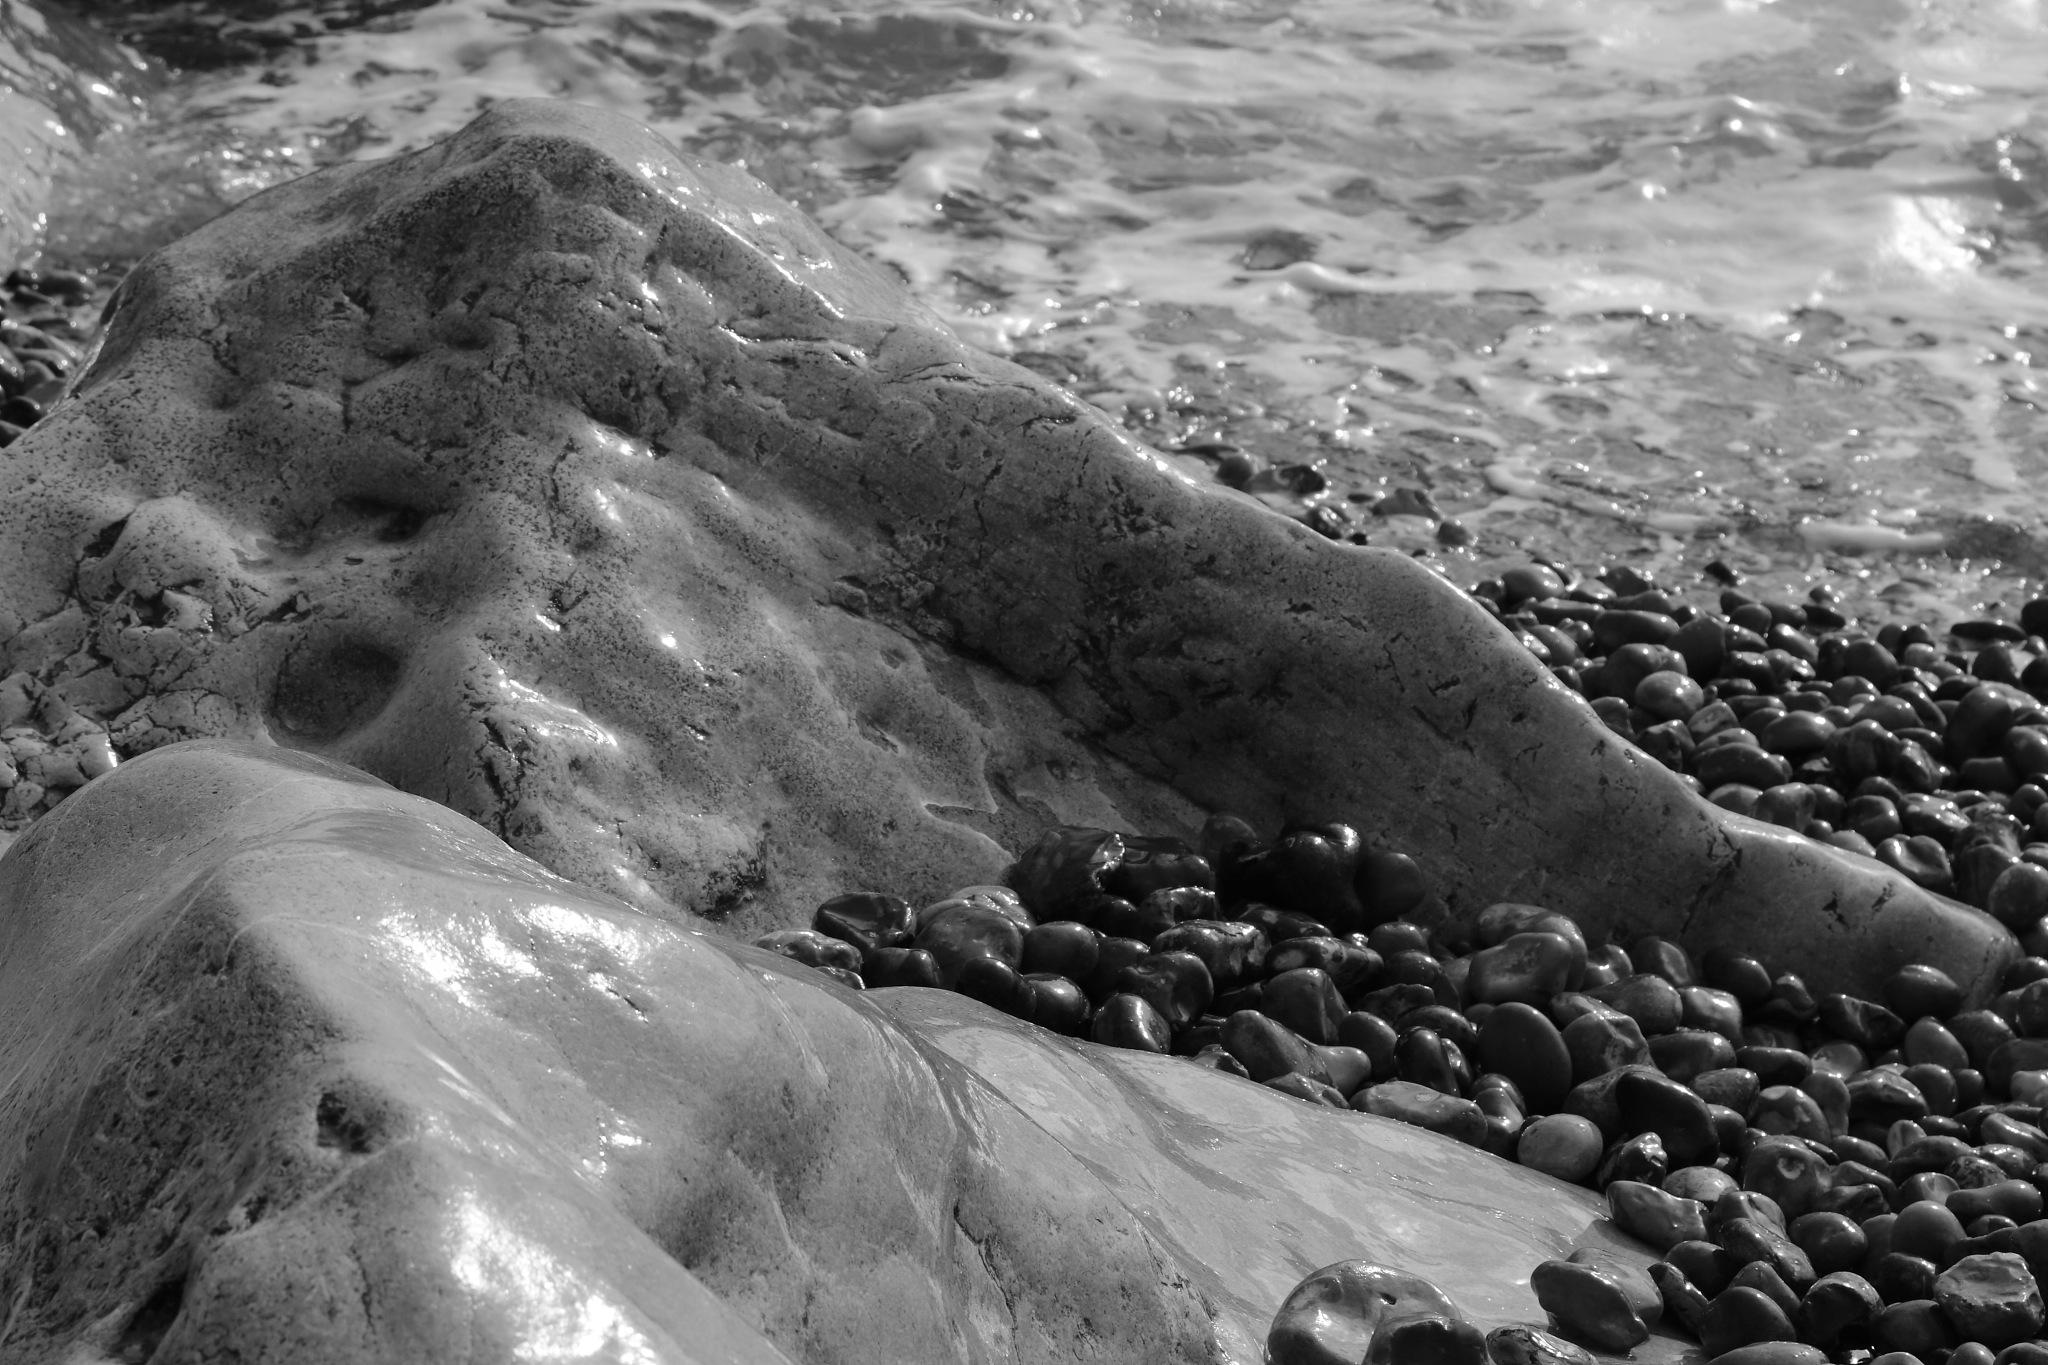 rocks by steve.norris.9047